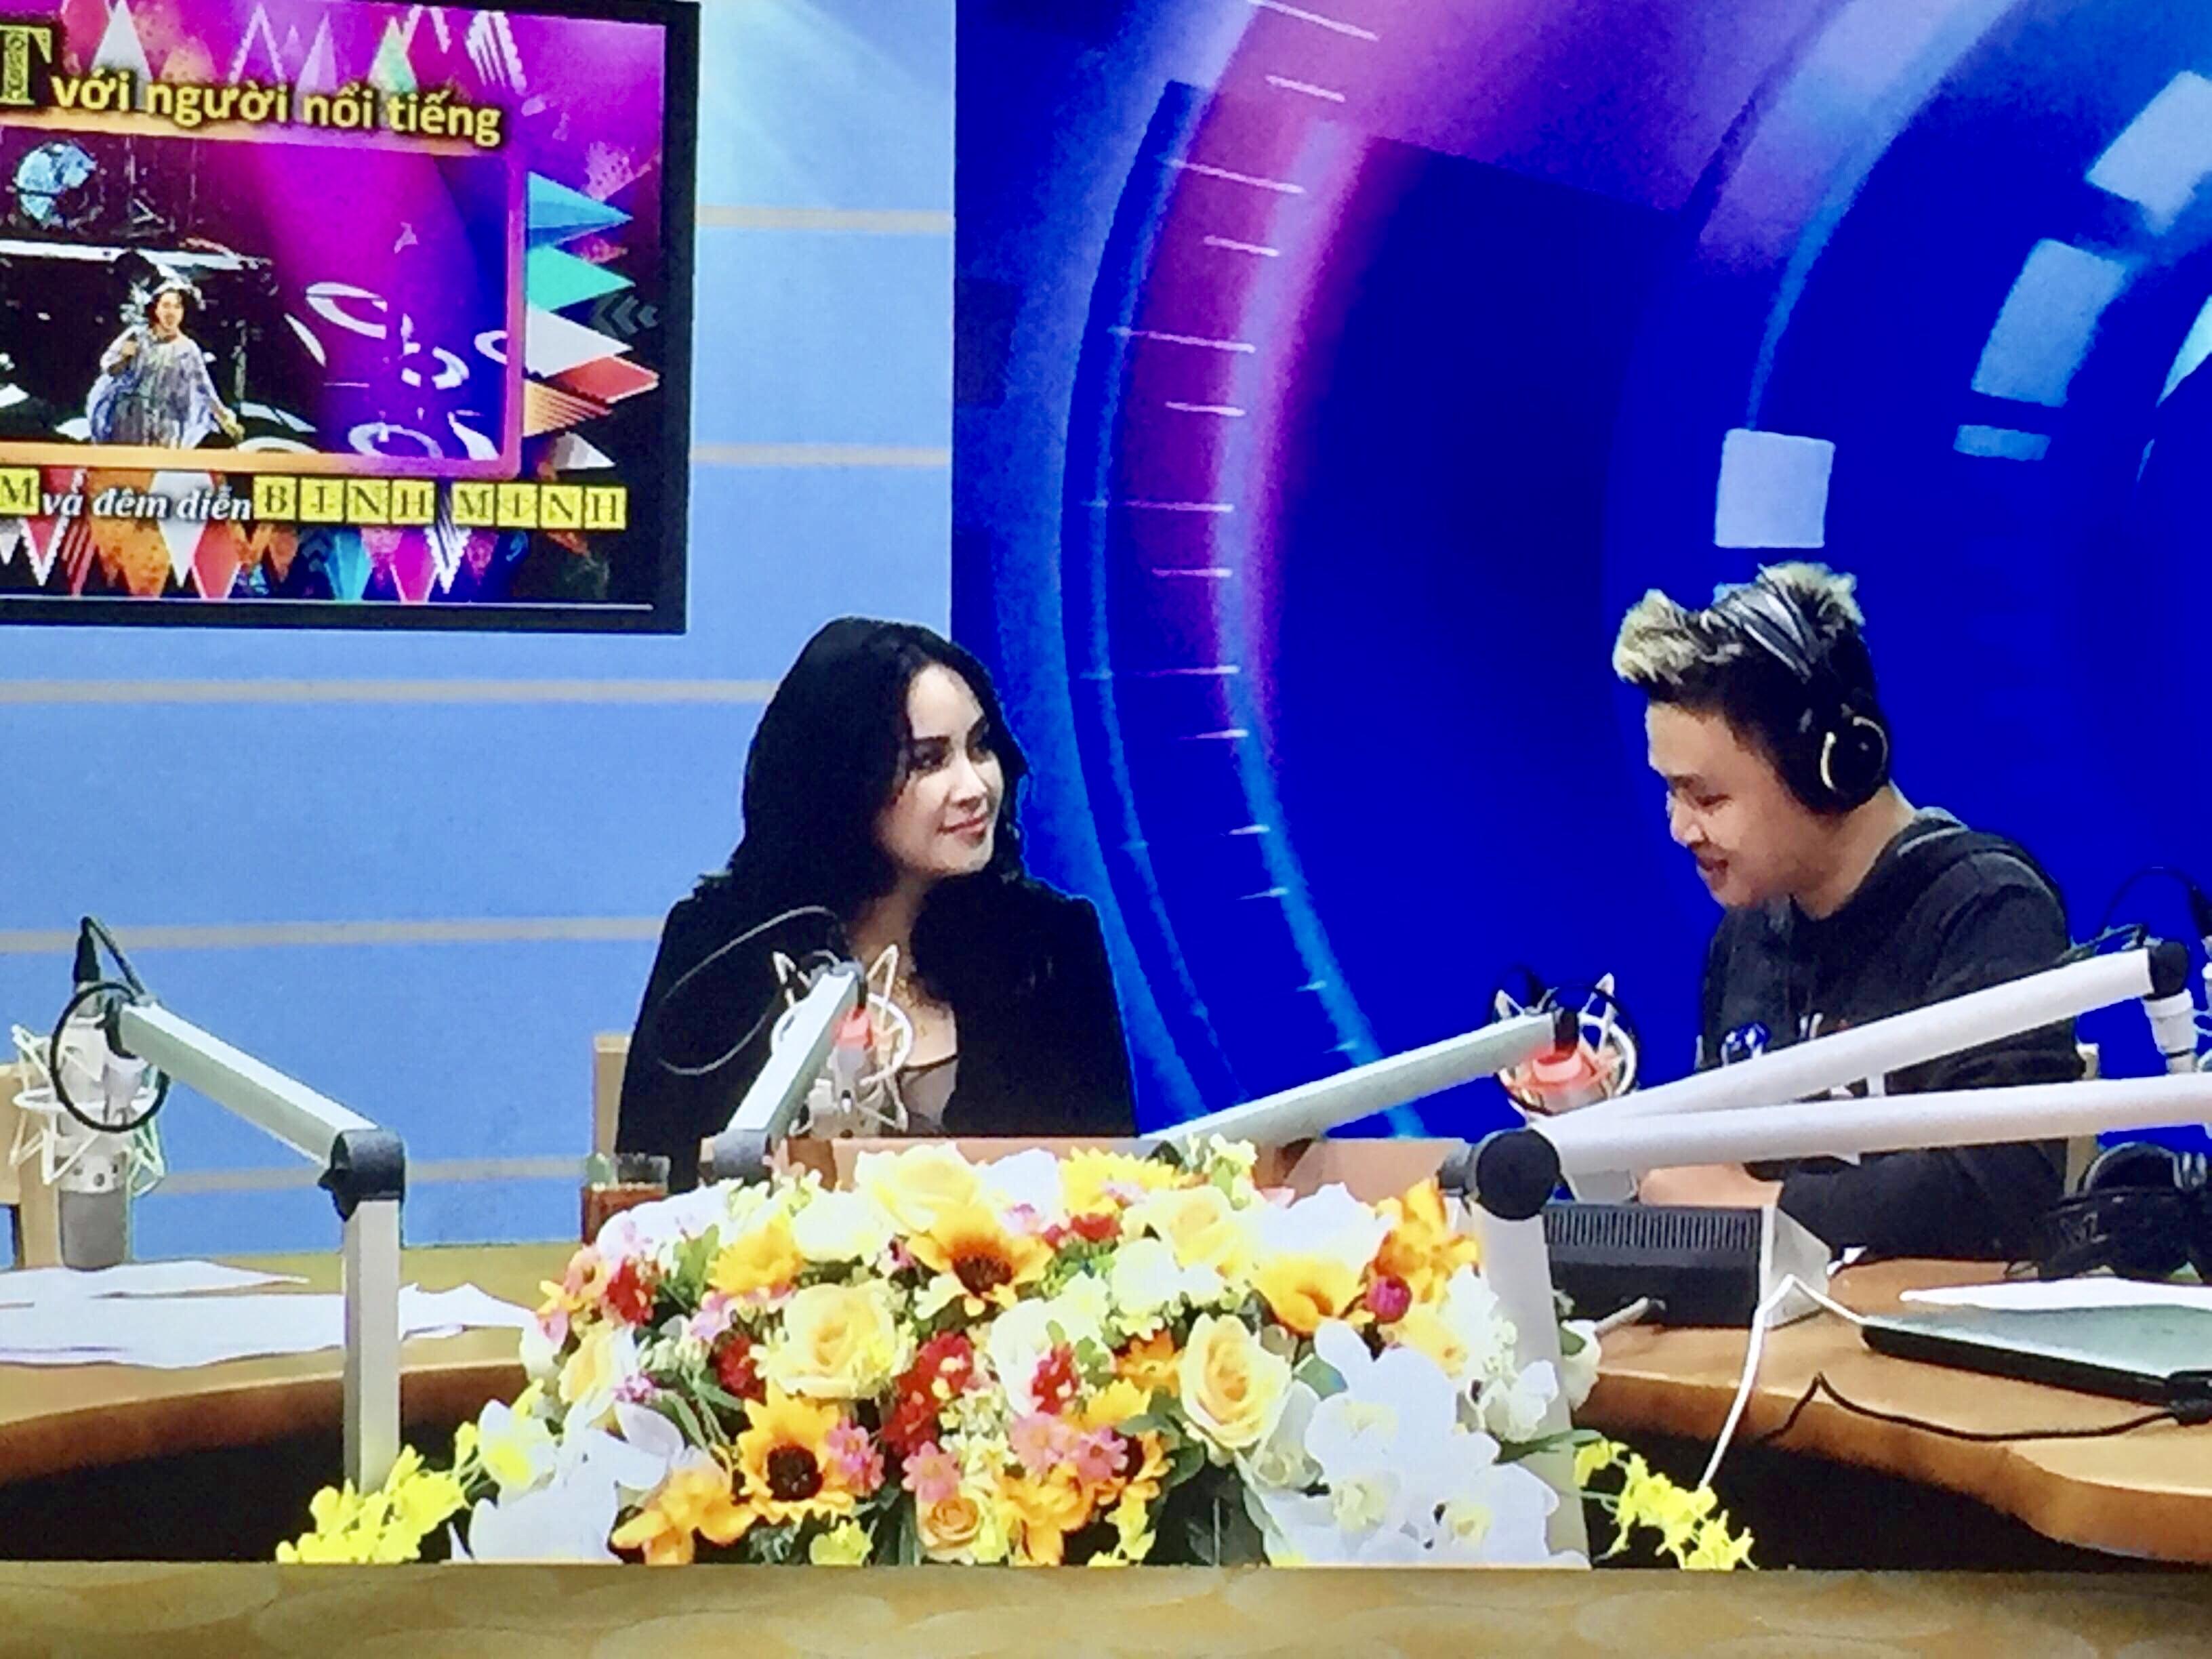 Ca sỹ Thanh Lam và 2 đêm diễn Bình Minh (8/12/2018)